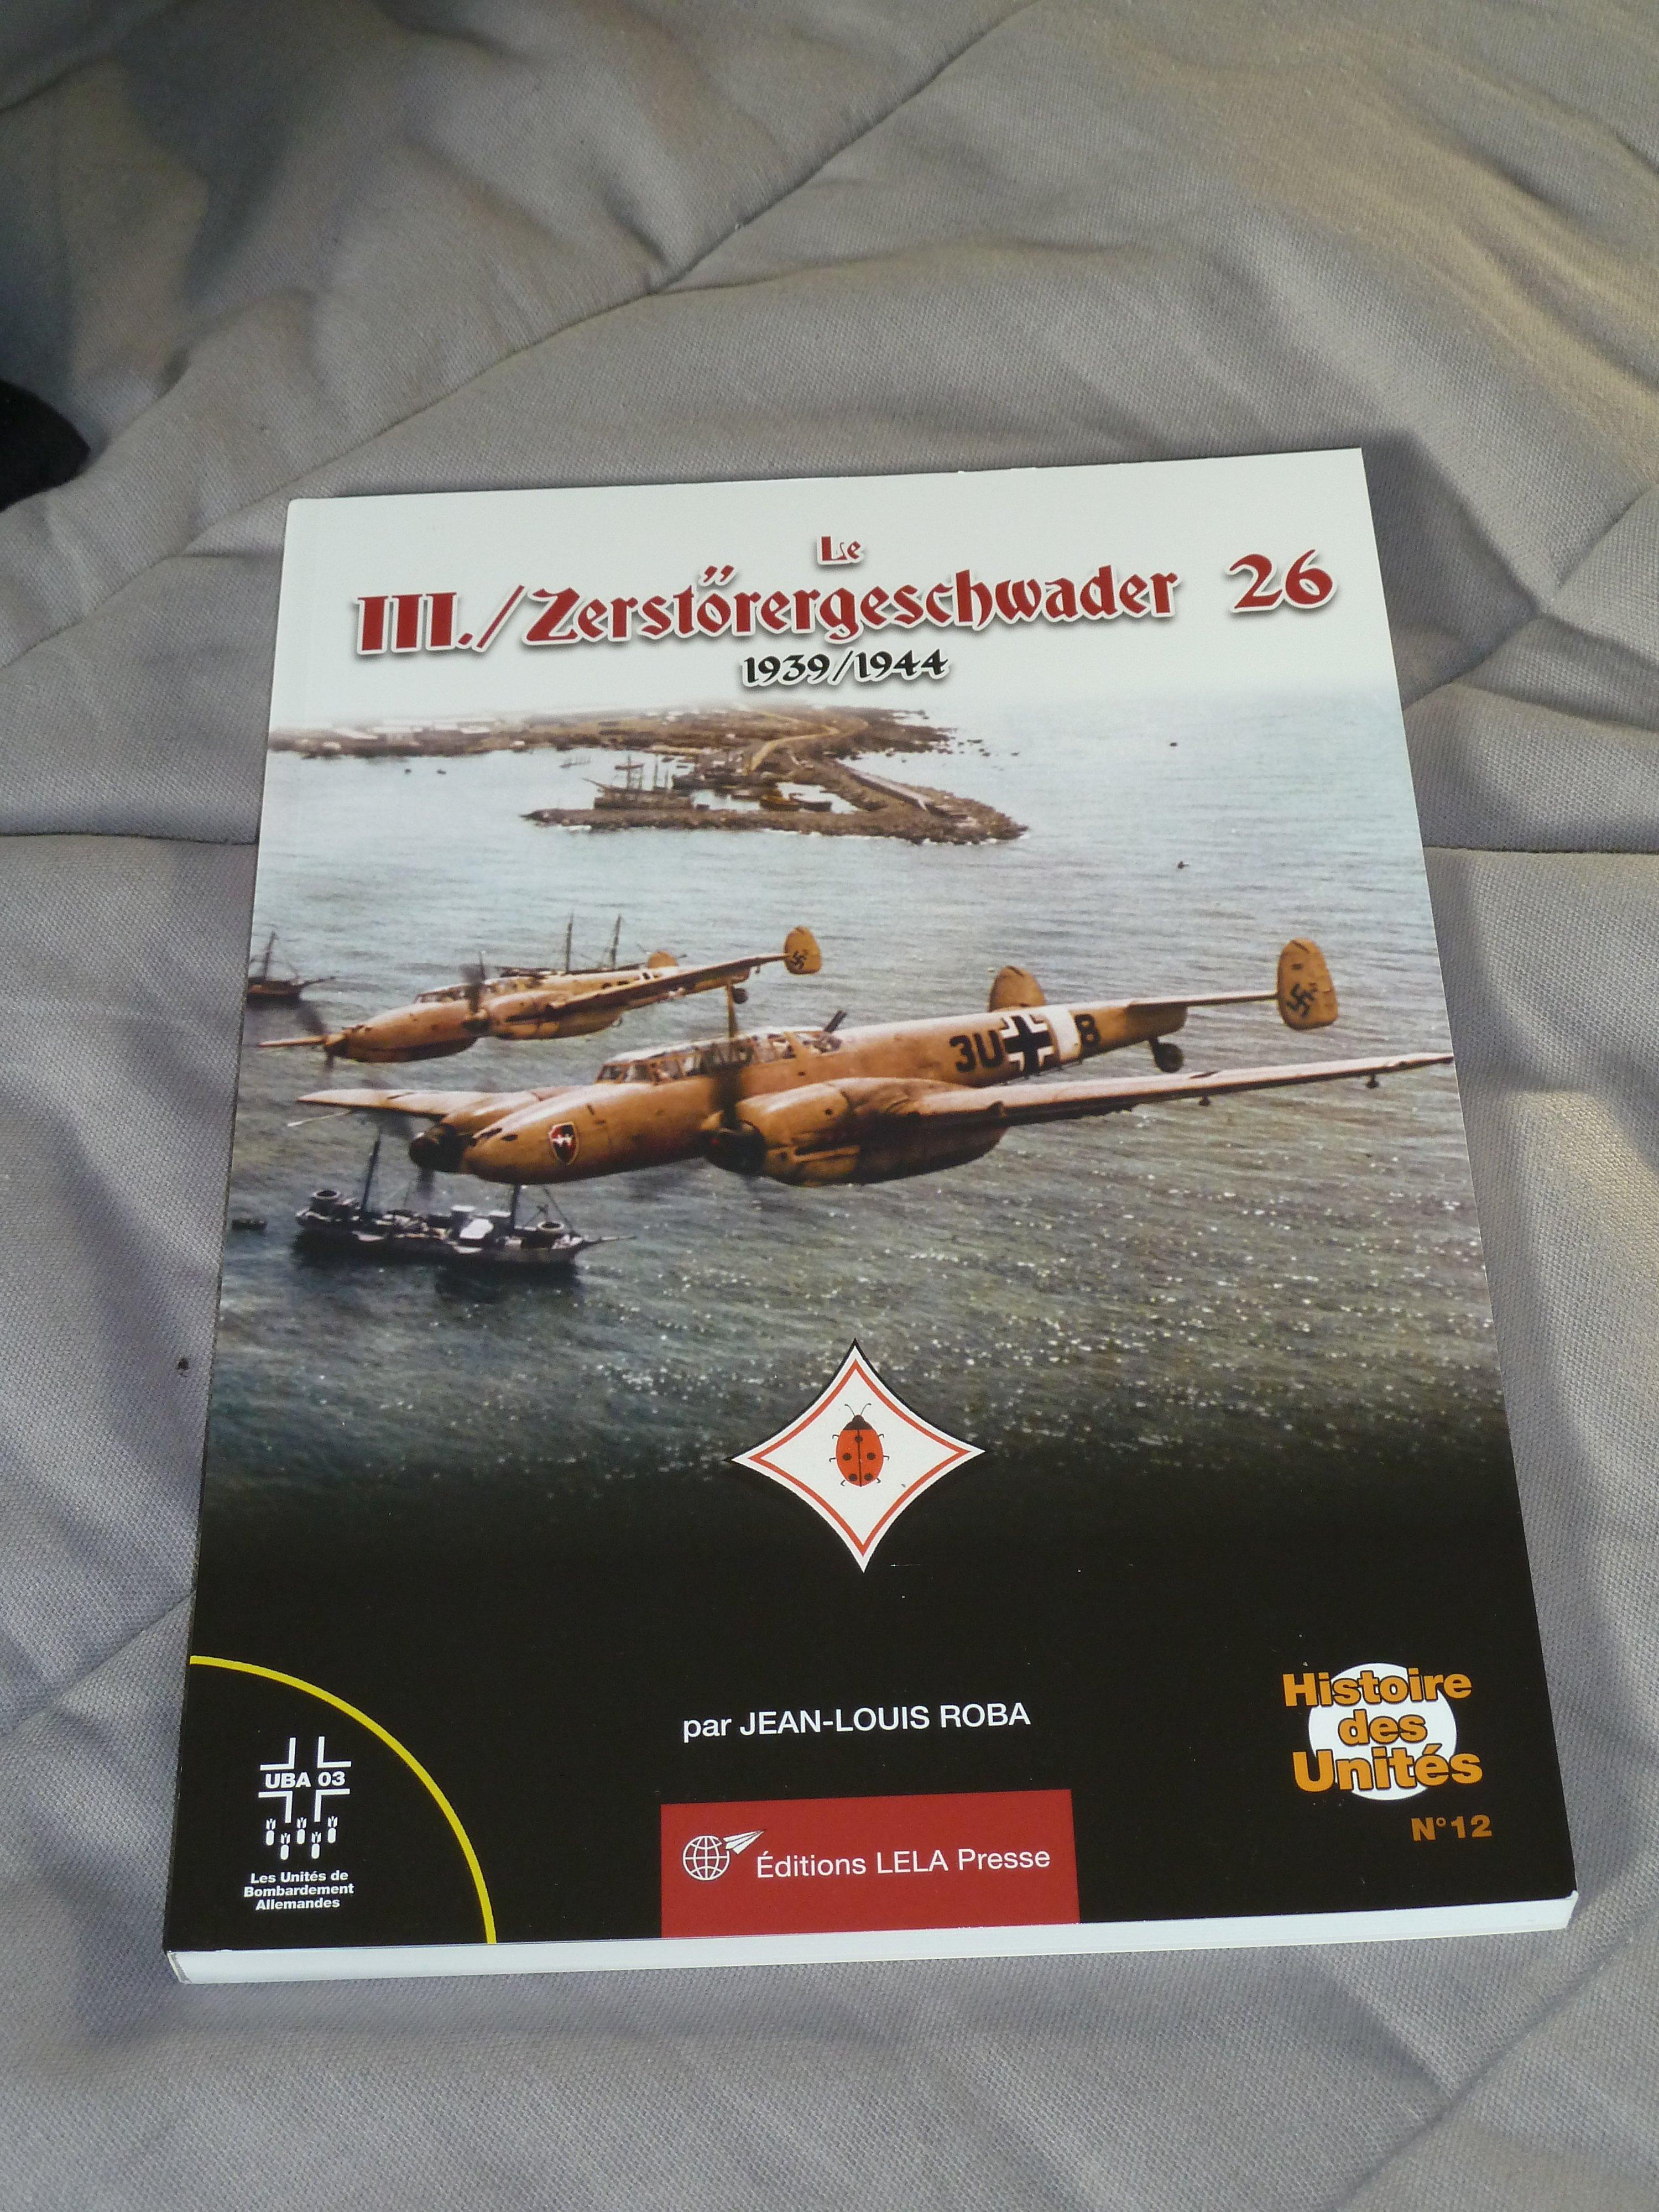 Le III / Zerstörergeschwader 26 1939-1944